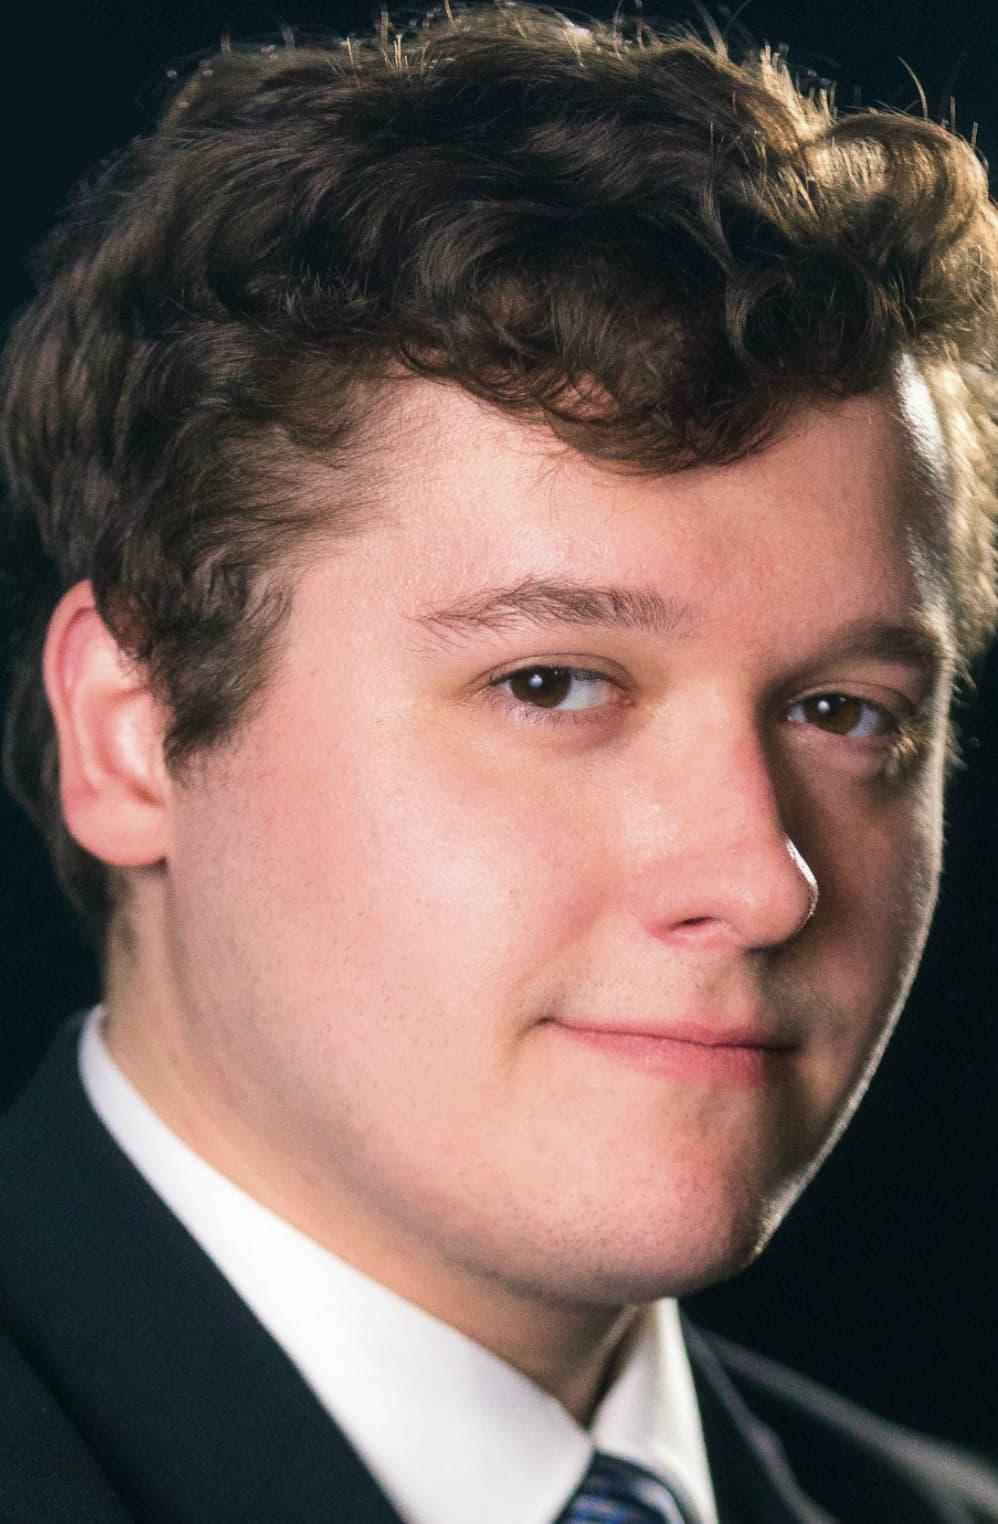 Daniel O'Hearn